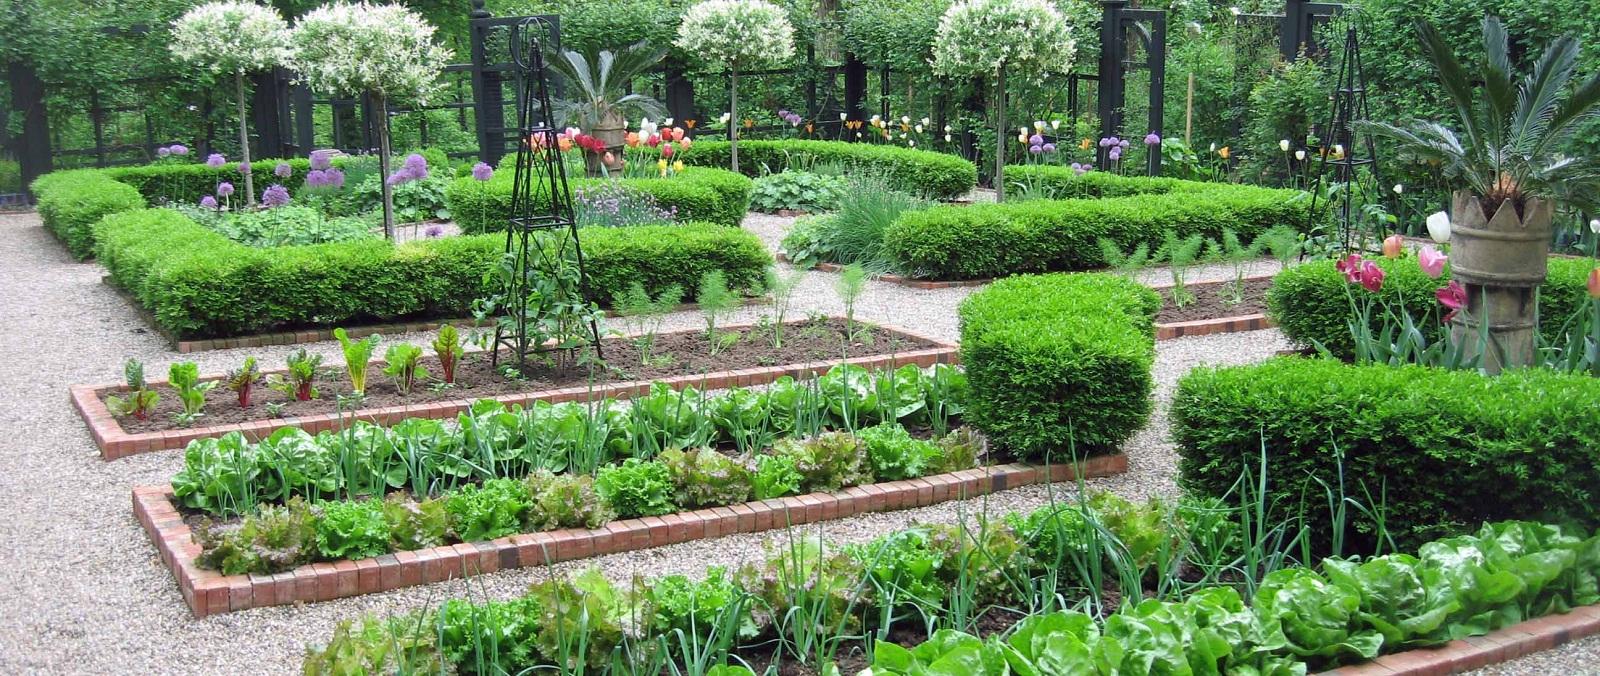 faire son jardin potager conseils pour avoir un beau jardin. Black Bedroom Furniture Sets. Home Design Ideas